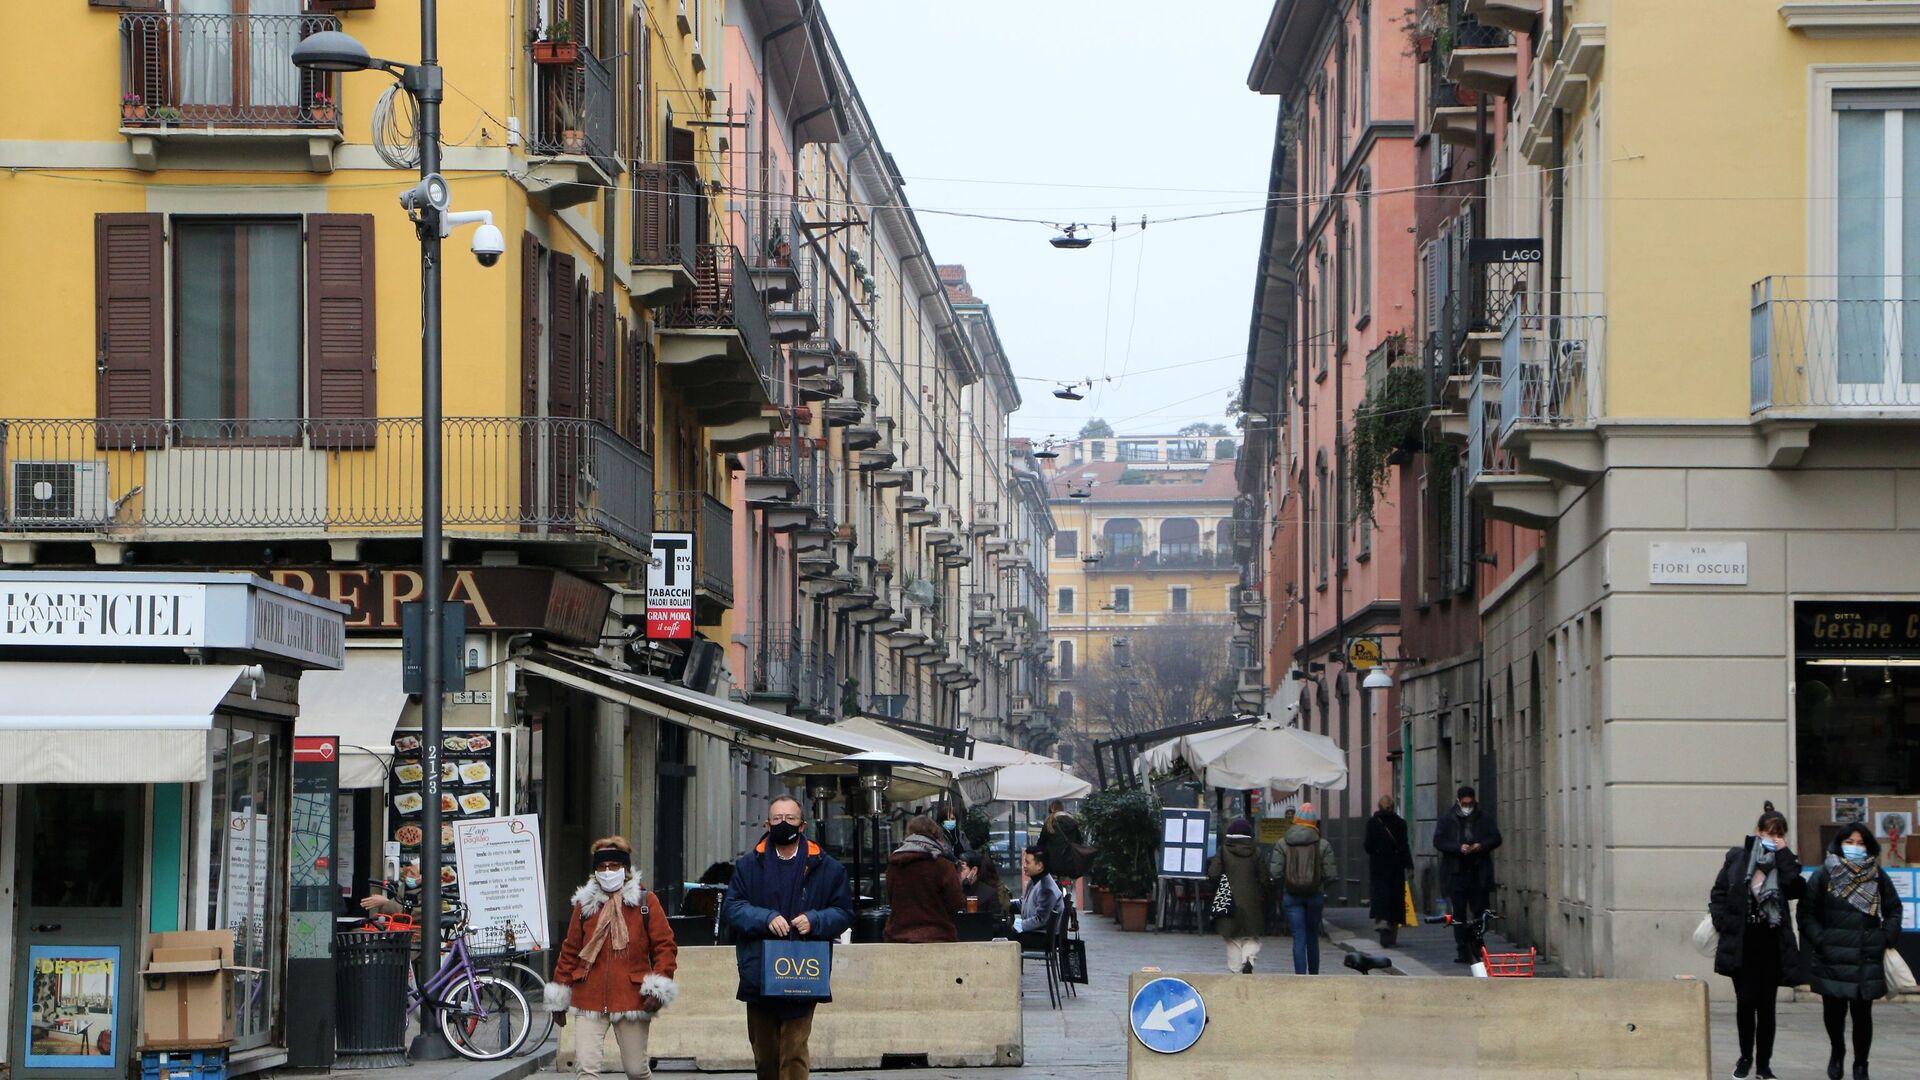 Le persone a Milano durante la pandemia del coronavirus, Italia - Sputnik Italia, 1920, 17.02.2021